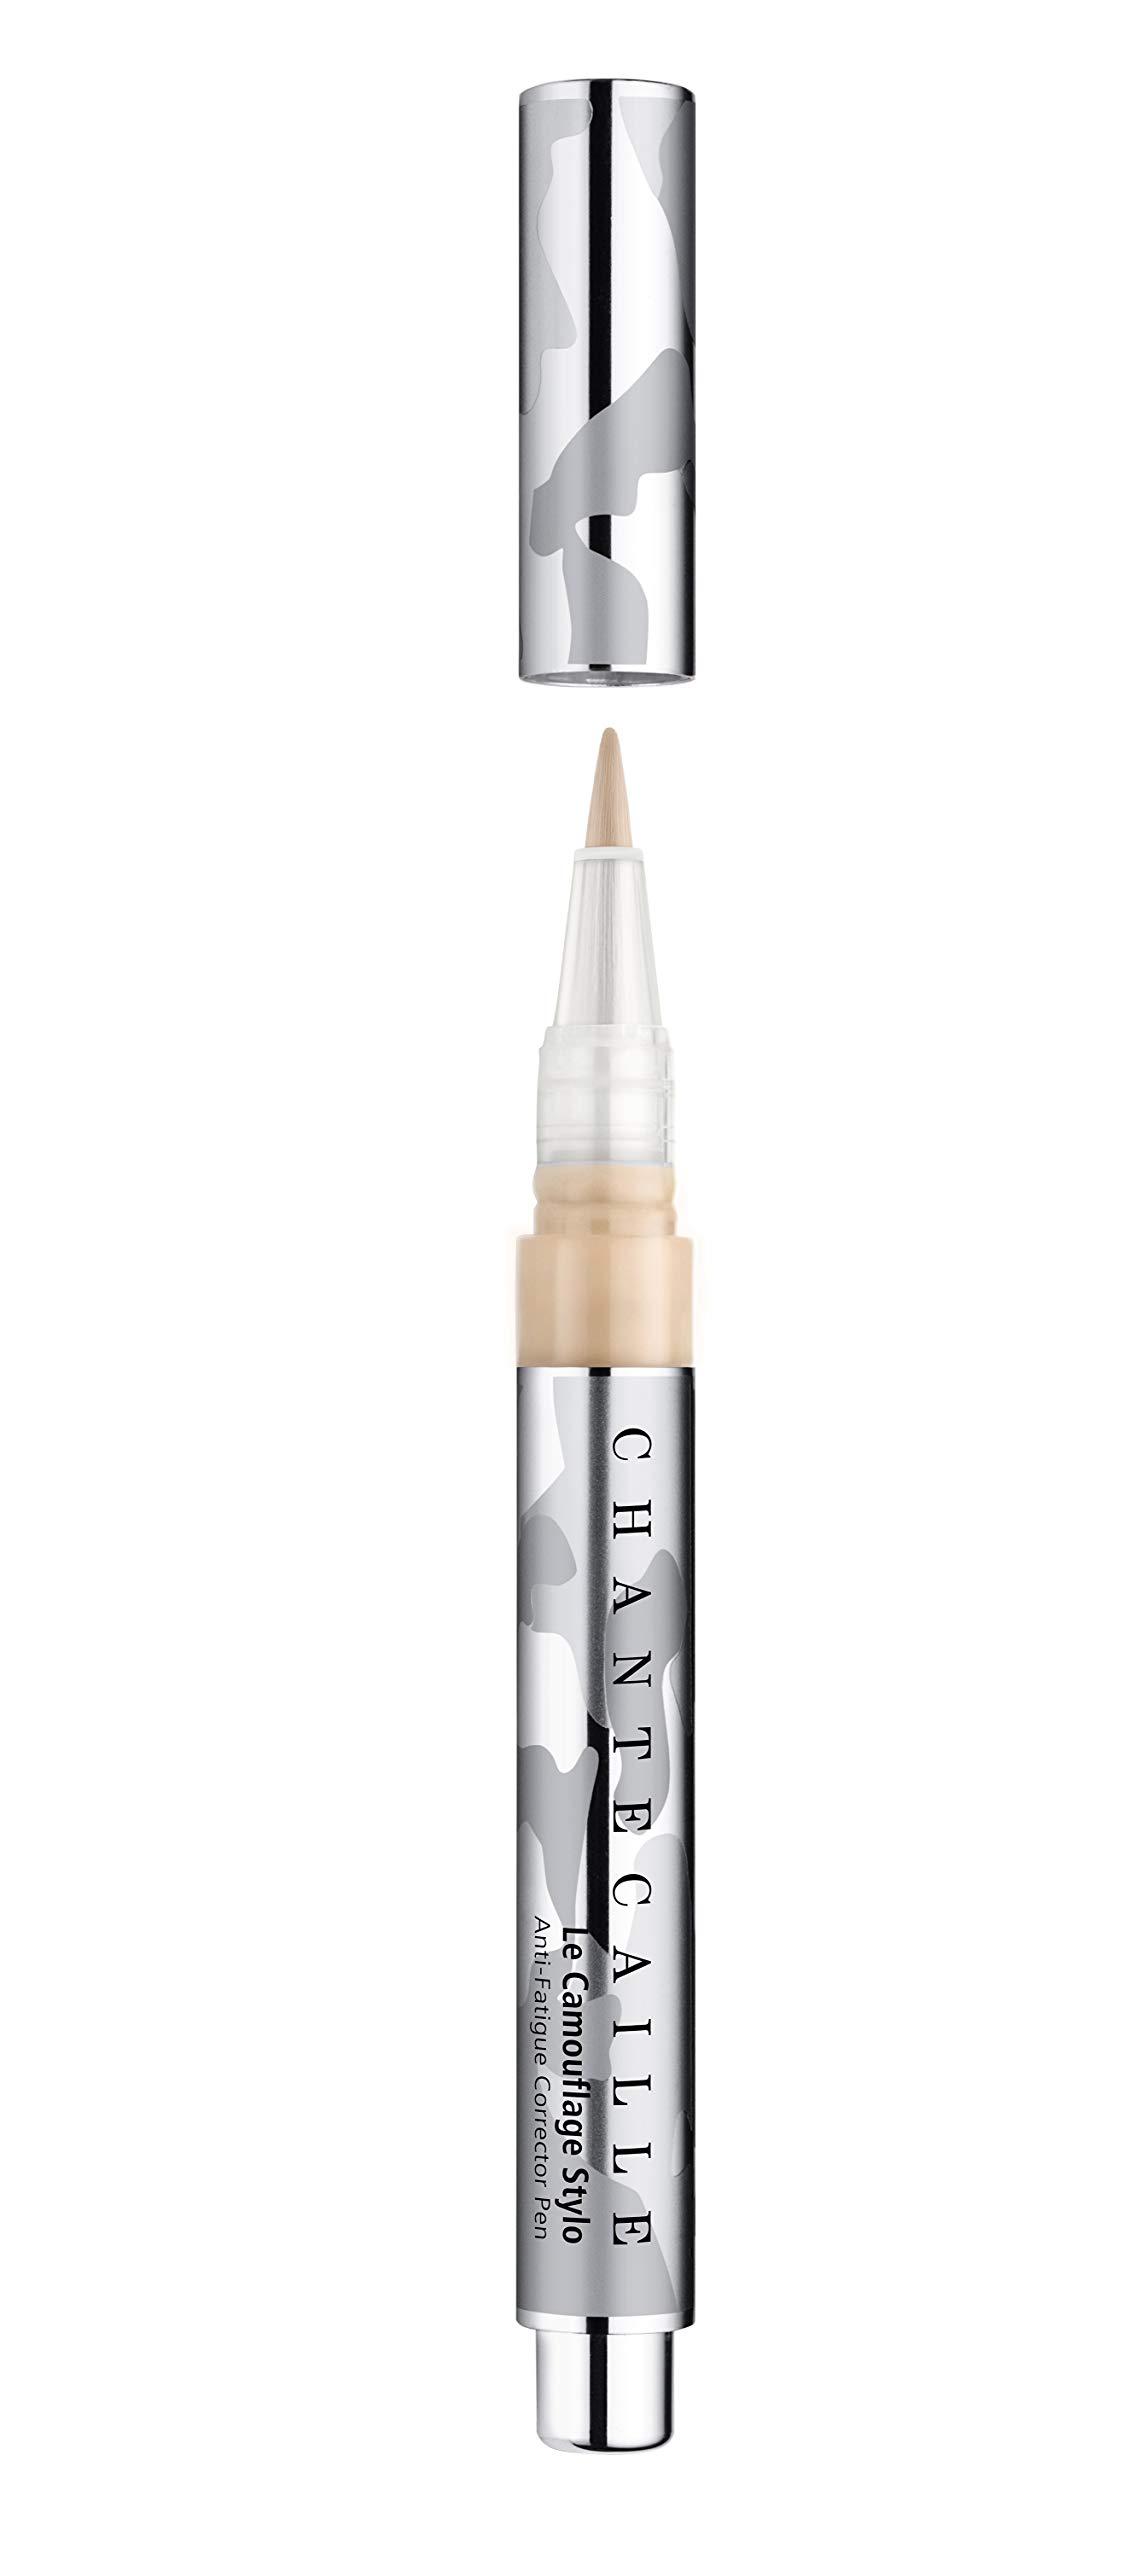 Chantecaille Le Camouflage Stylo Anti Fatigue Corrector Pen - #4W, 0.06oz